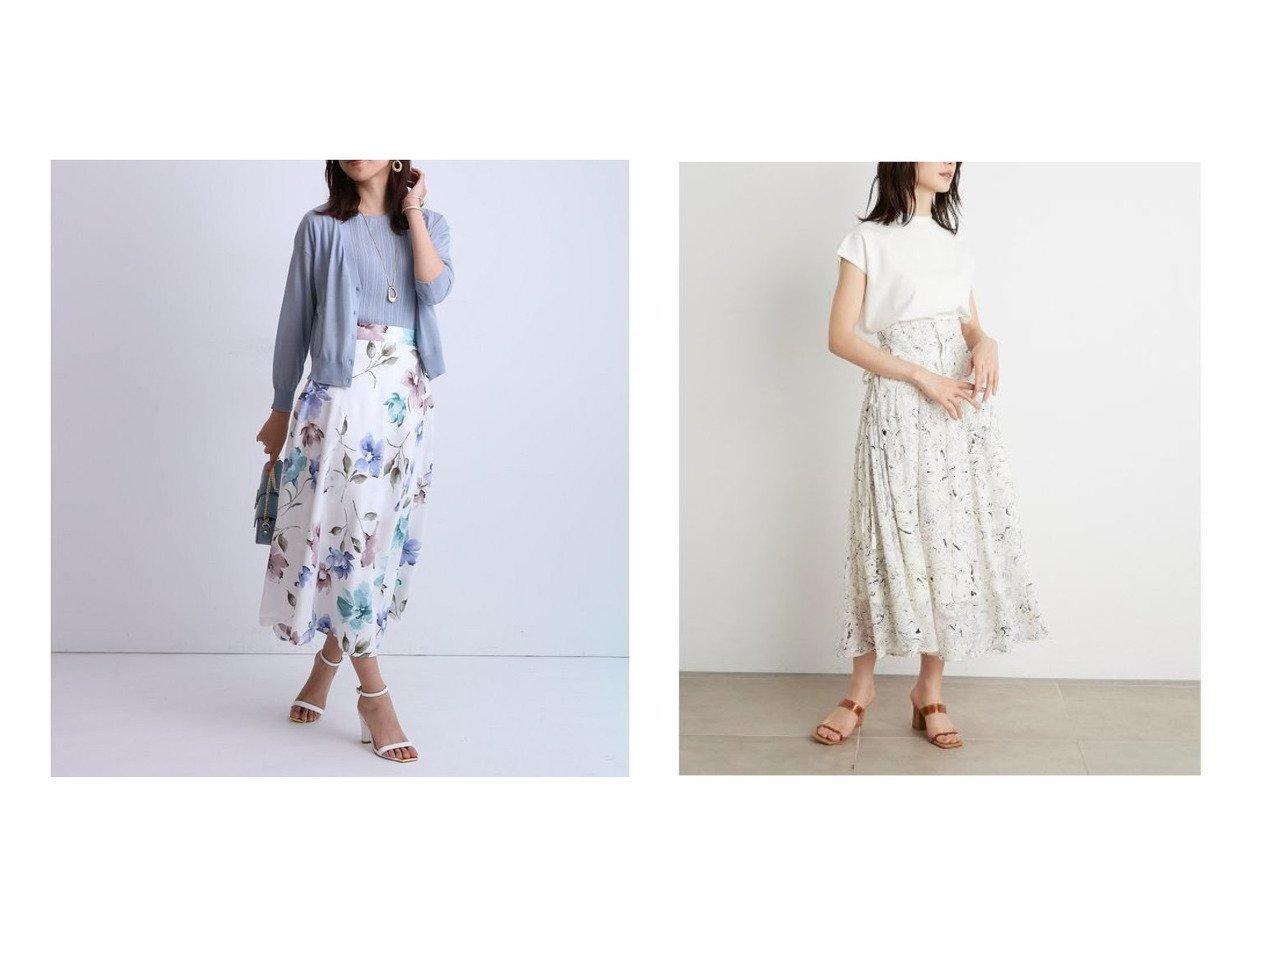 【JUSGLITTY/ジャスグリッティー】のシャドウフラワープリントスカート&【SNIDEL/スナイデル】のリボンジャガードプリントスカート 【スカート】おすすめ!人気、トレンド・レディースファッションの通販 おすすめで人気の流行・トレンド、ファッションの通販商品 インテリア・家具・メンズファッション・キッズファッション・レディースファッション・服の通販 founy(ファニー) https://founy.com/ ファッション Fashion レディースファッション WOMEN スカート Skirt Aライン/フレアスカート Flared A-Line Skirts エレガント ギャザー フラワー フレア プリント ミモレ エアリー サマー シアー シャーリング スマート ドット ランダム 再入荷 Restock/Back in Stock/Re Arrival |ID:crp329100000054049